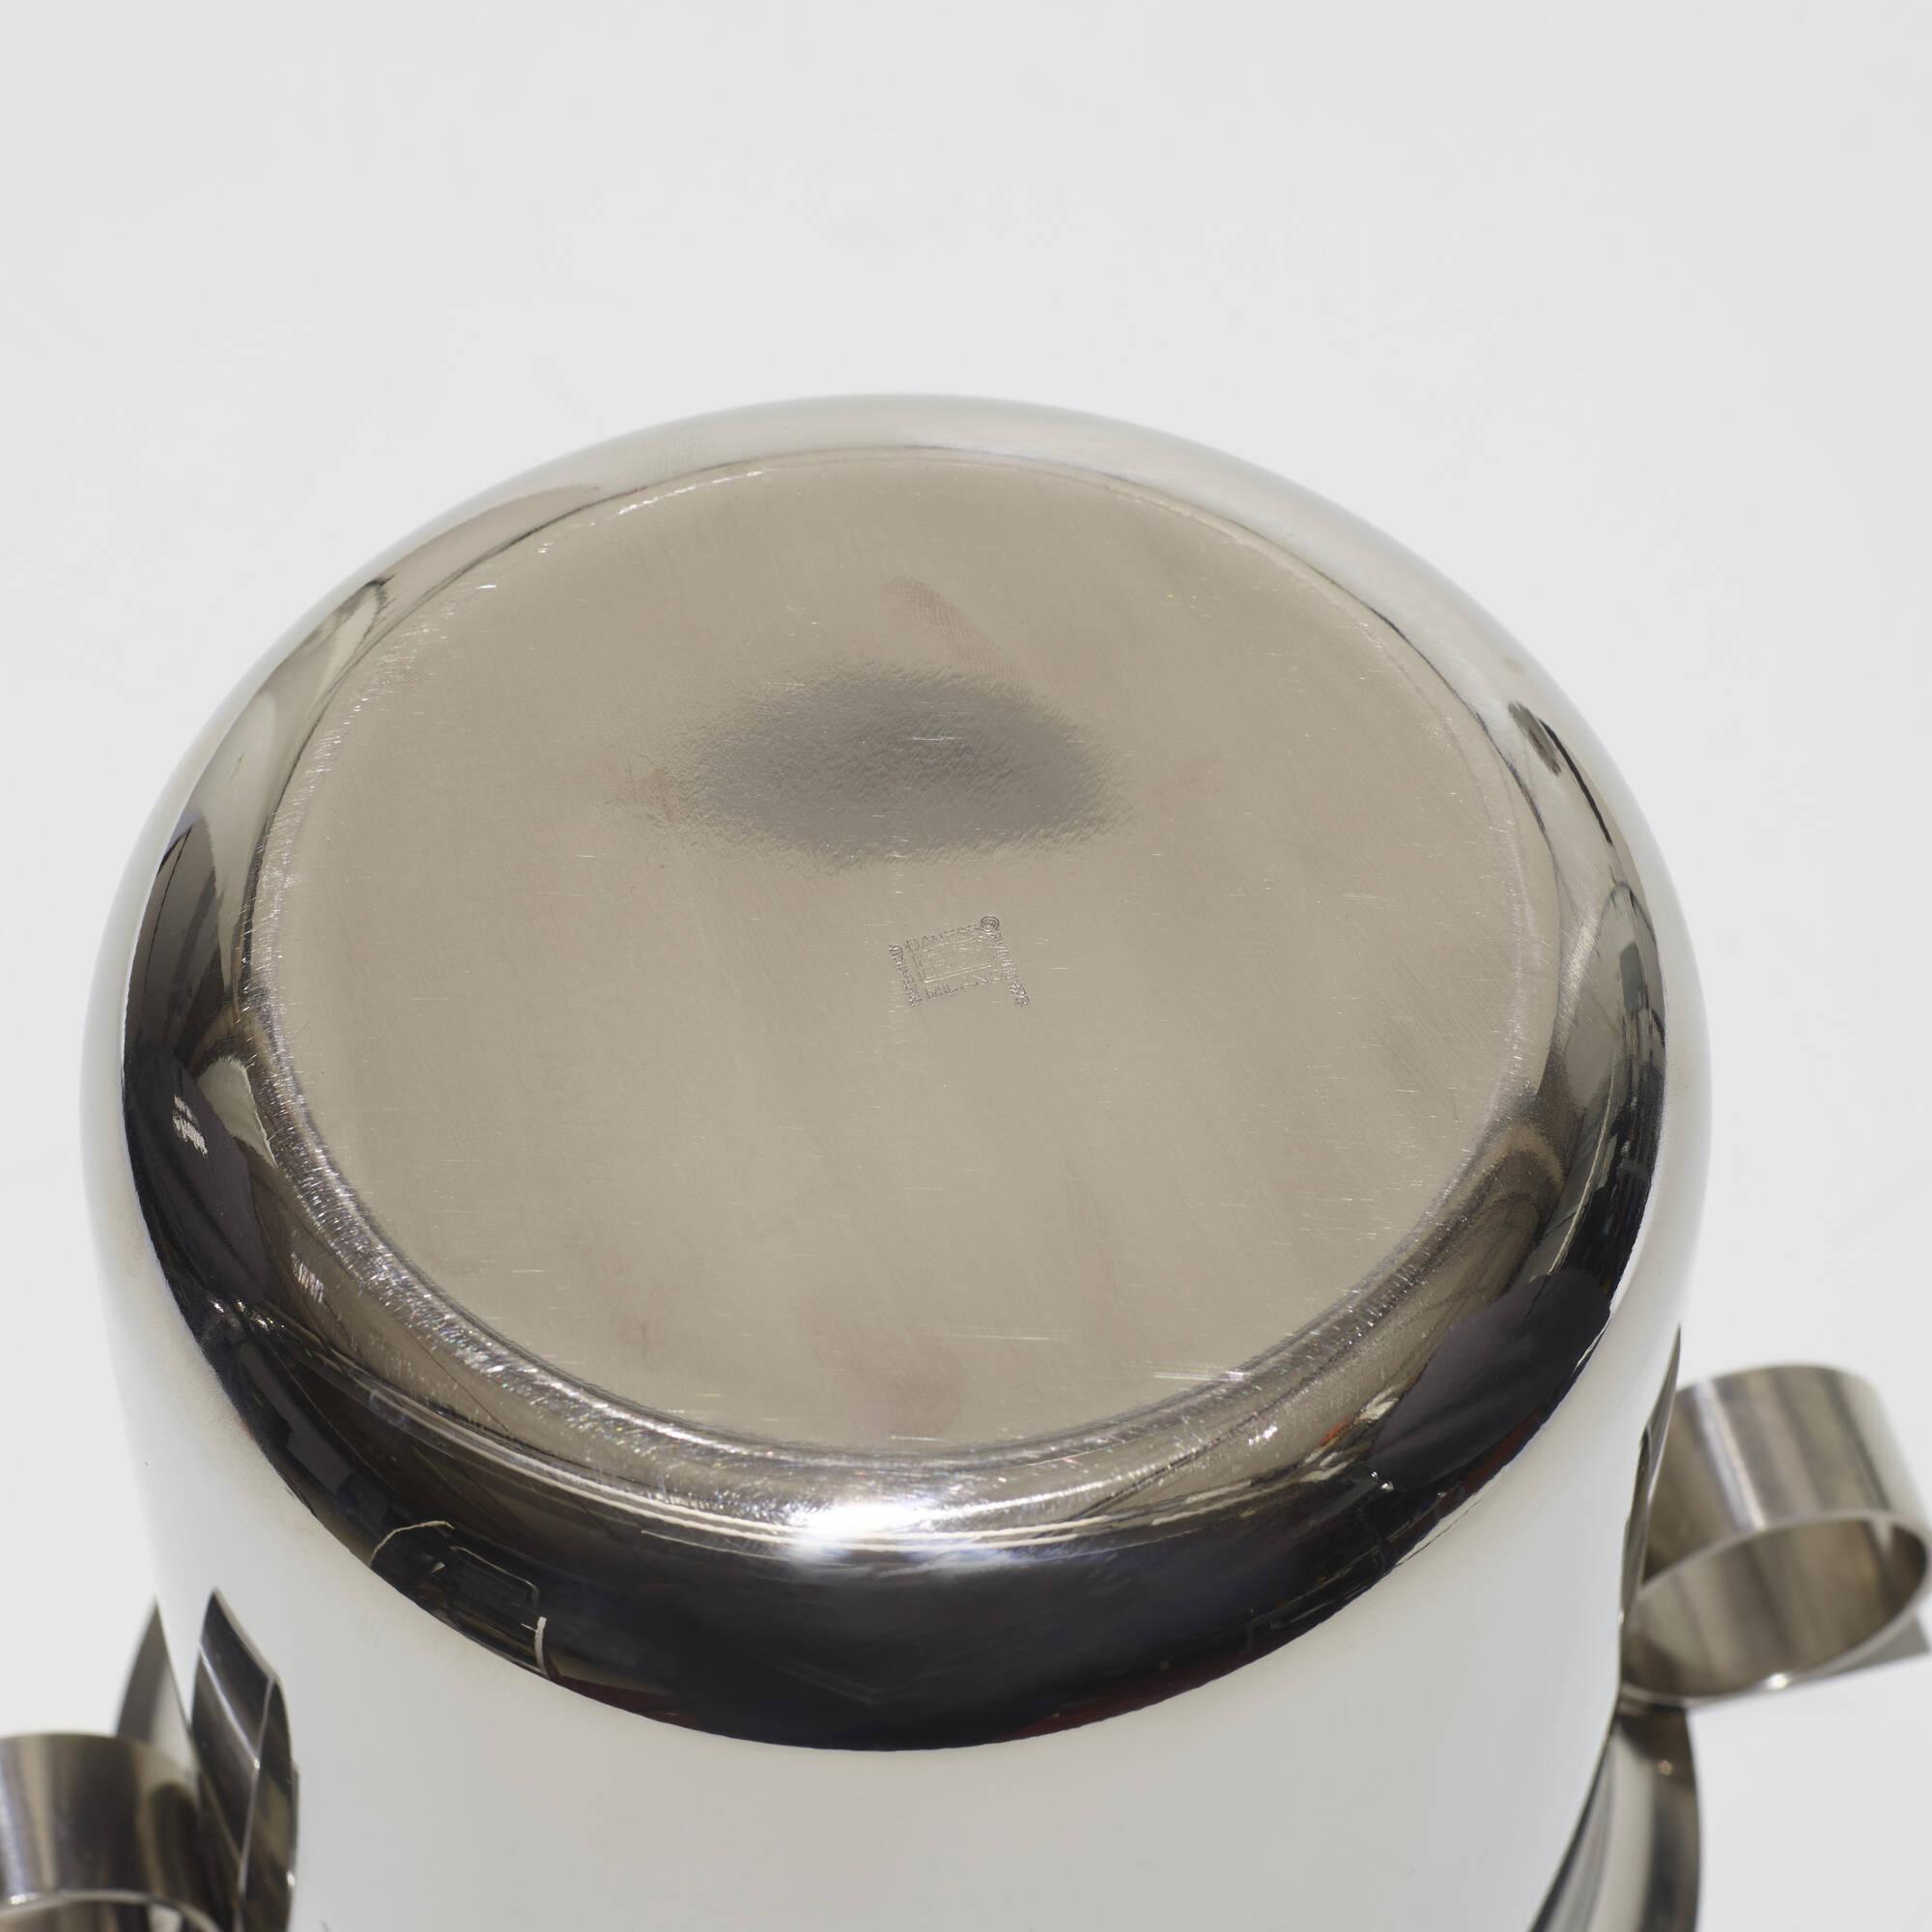 224: Enzo Mari / Madera ice bucket (2 of 2)